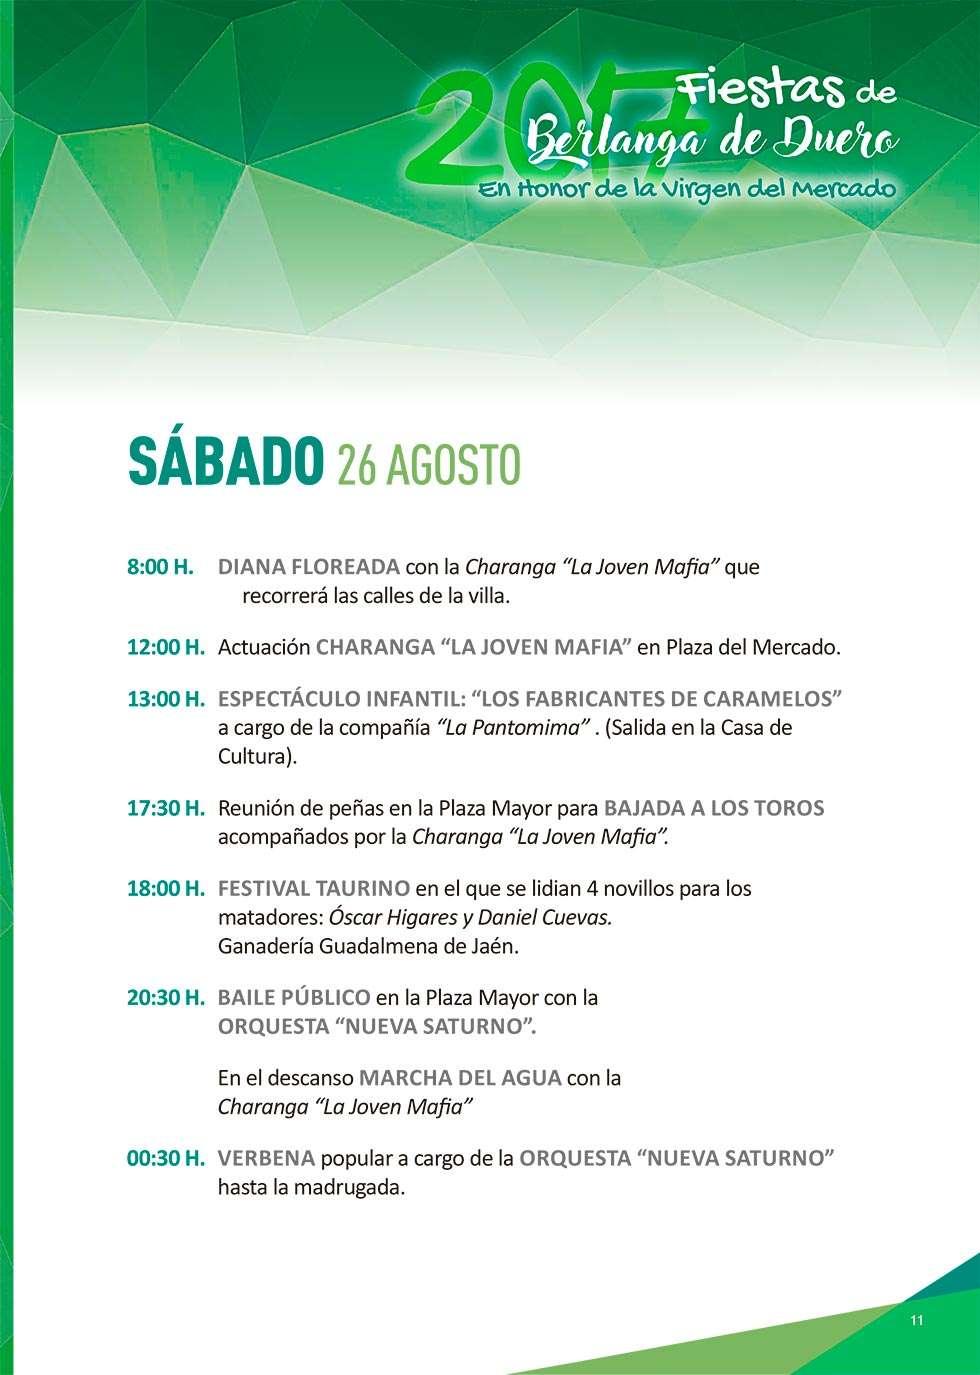 Programa de las fiestas de Nuestra Señora del Mercado, en Berlanga de Duero